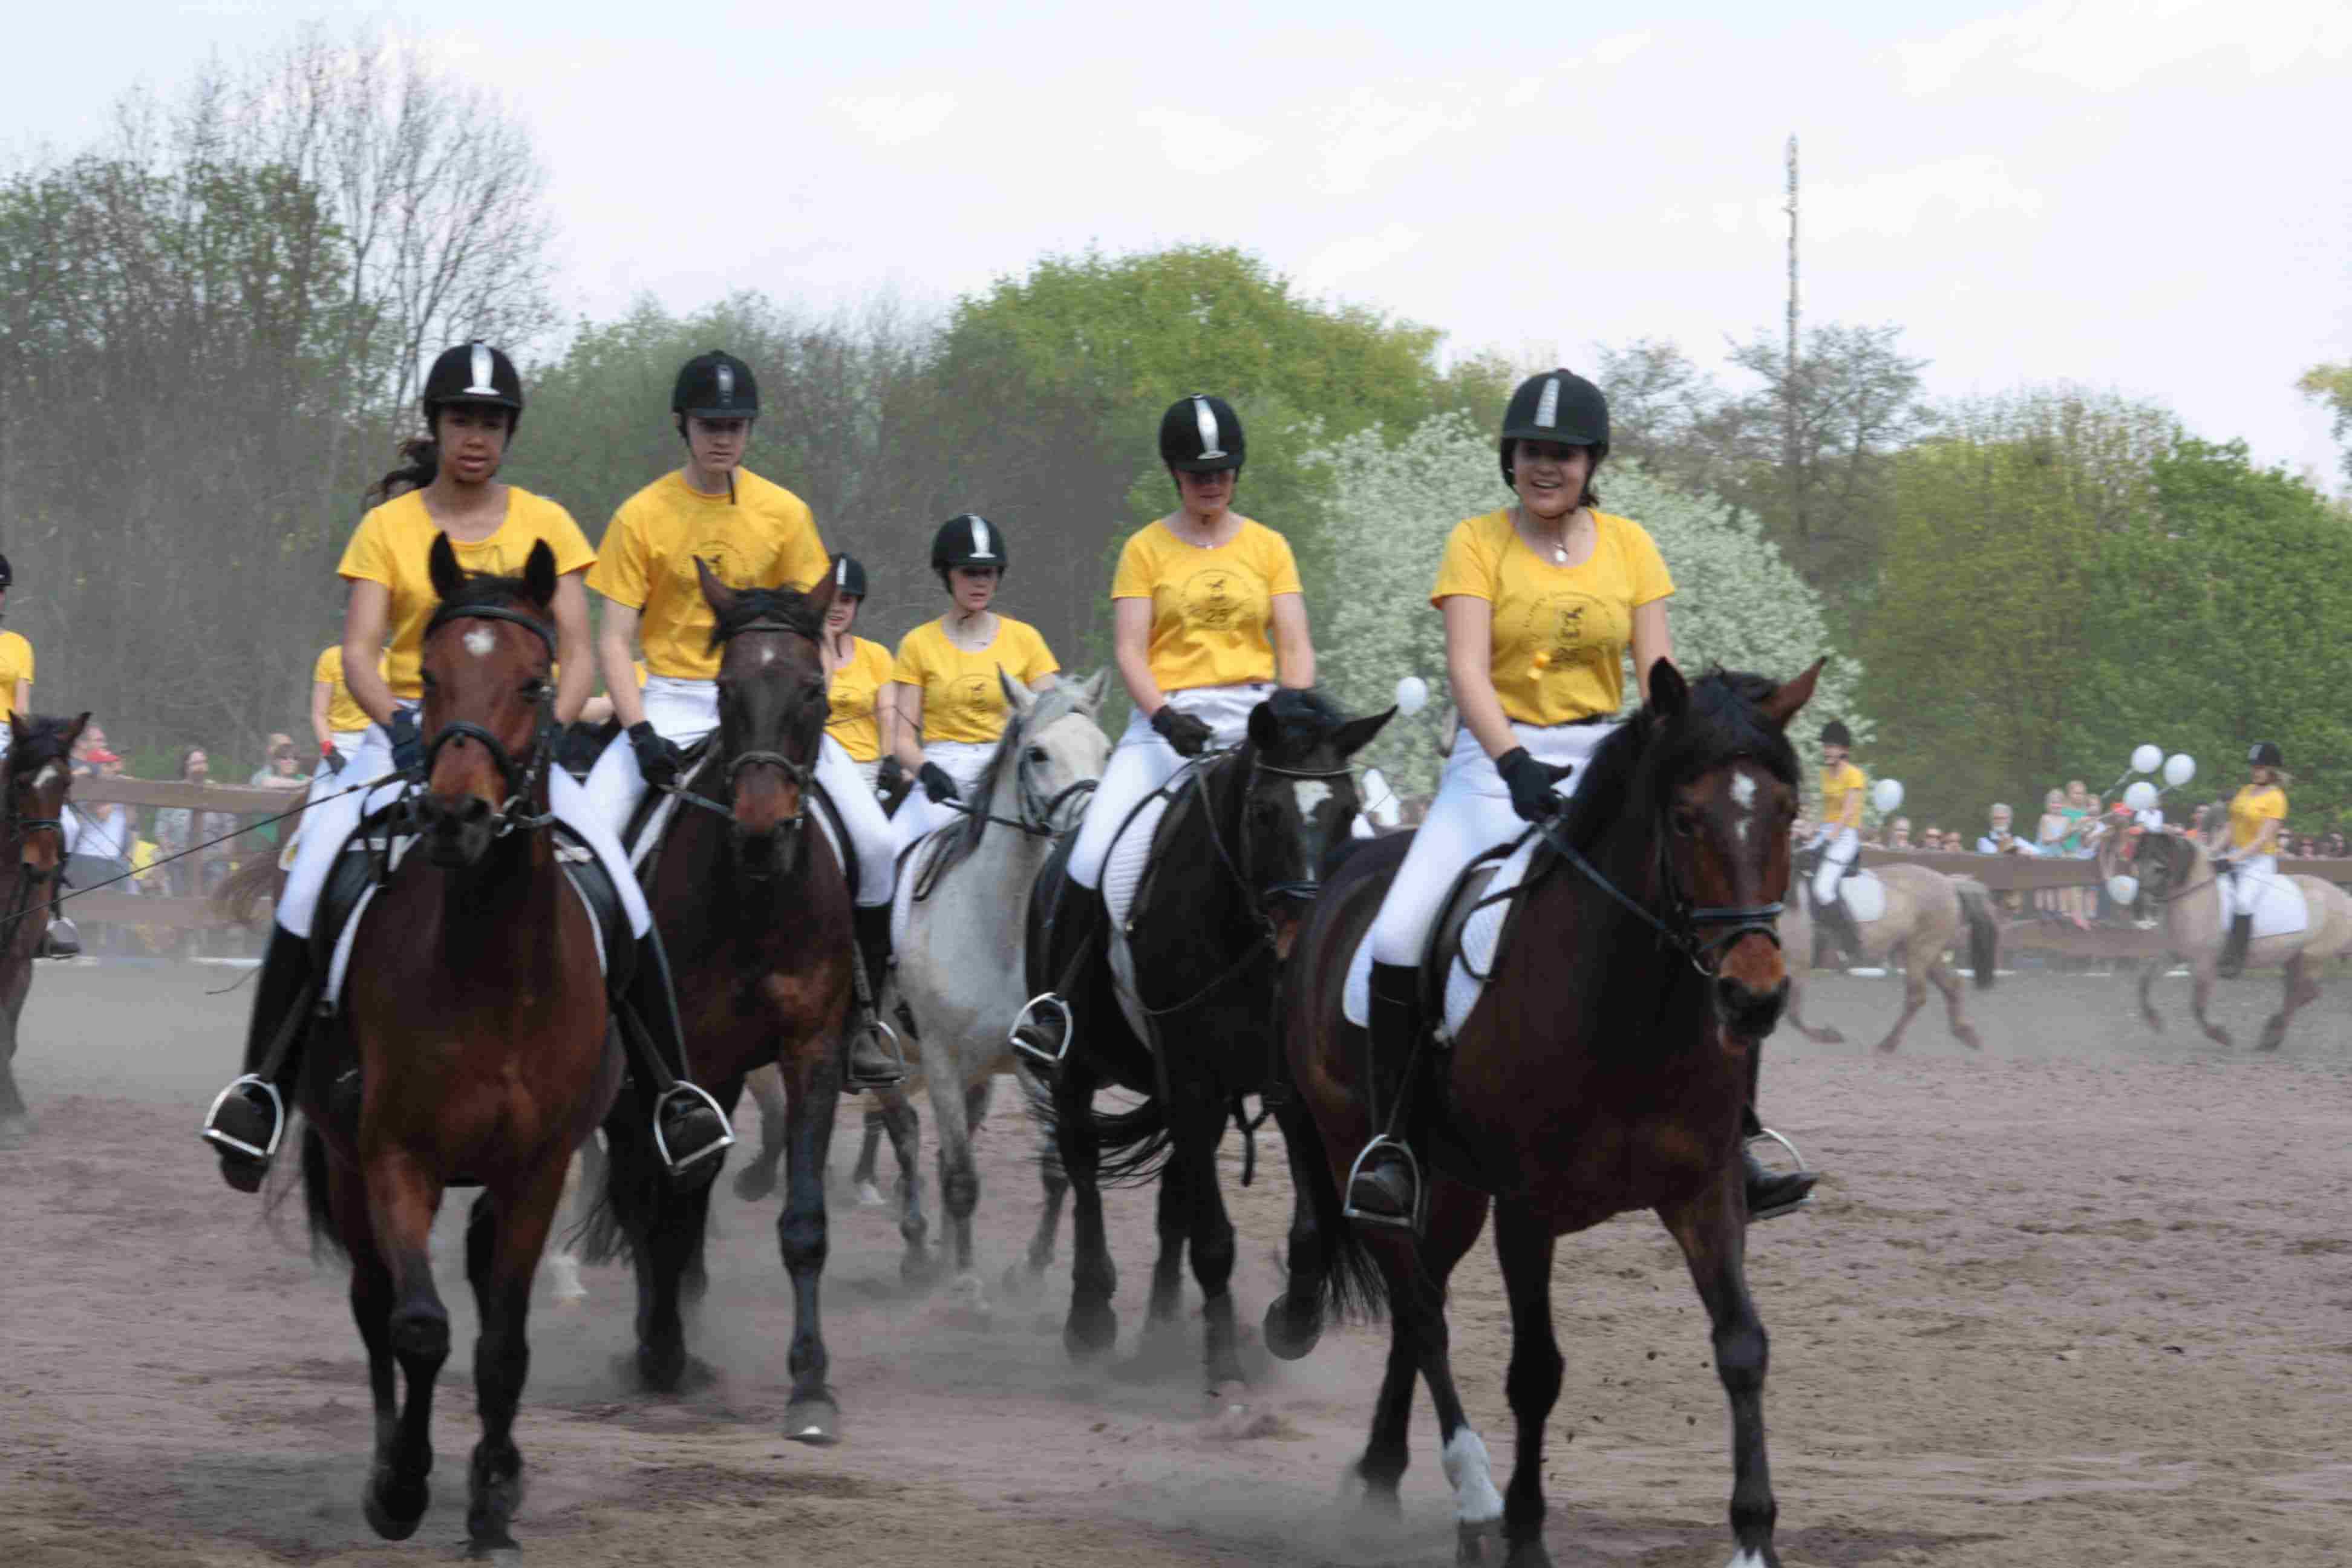 Schnupperkurse und großes Sommerfest für kleine und große Pferdefreunde in Zehlendorf